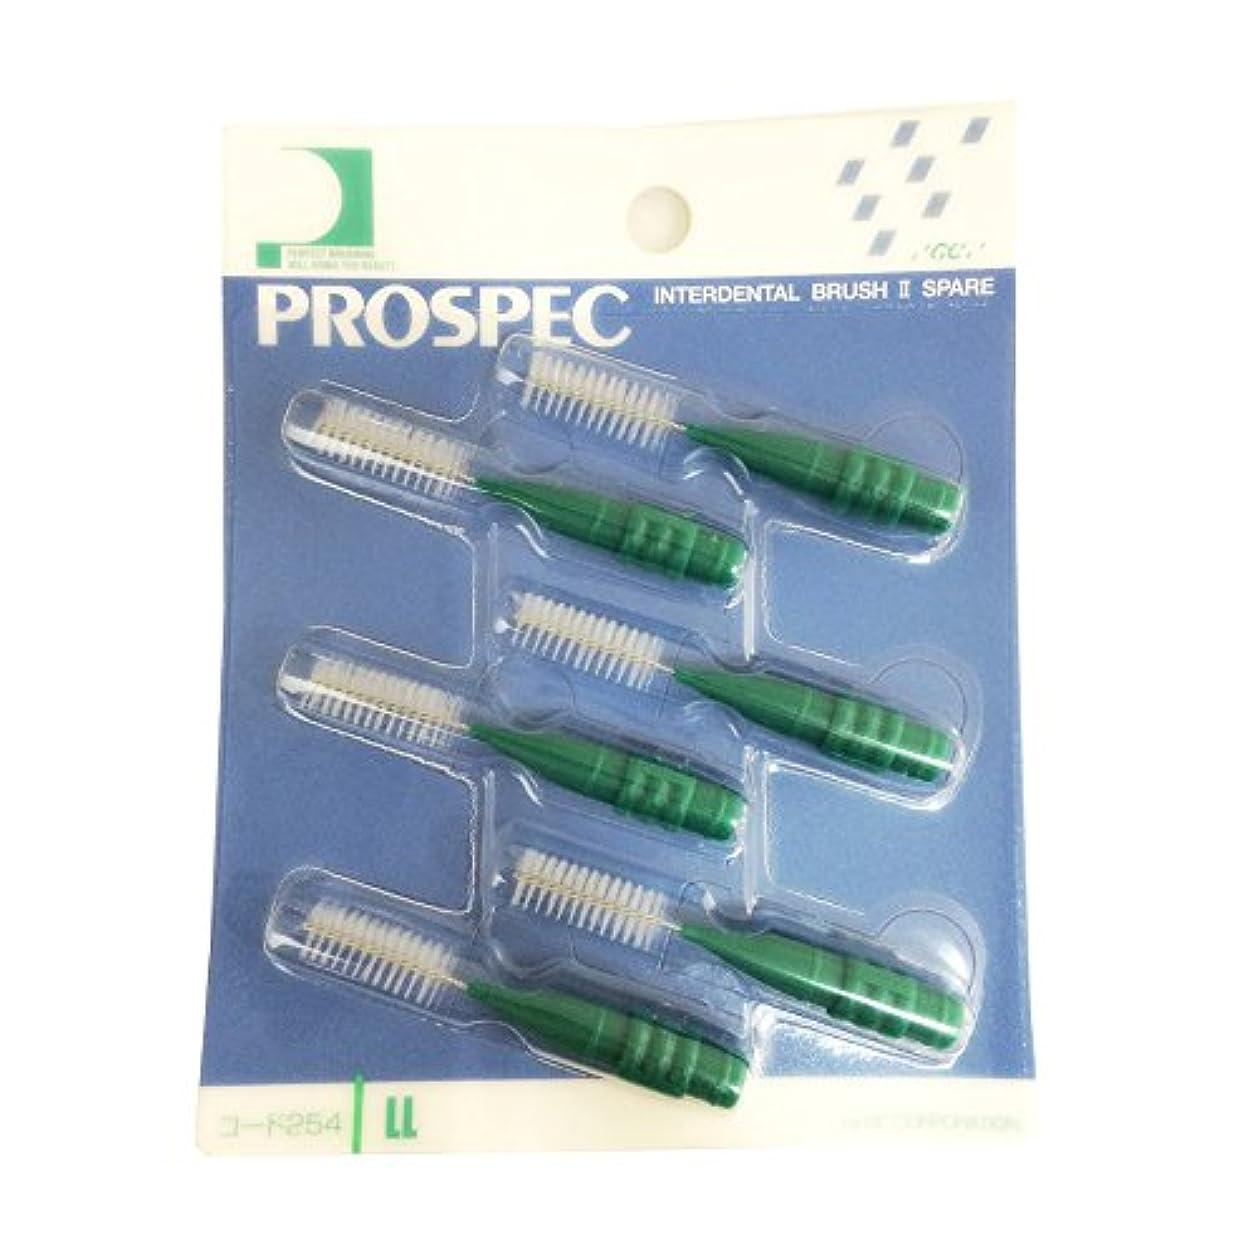 受け入れた感じる福祉GC(ジーシー) プロスペック歯間ブラシII スペアー LL 6本入